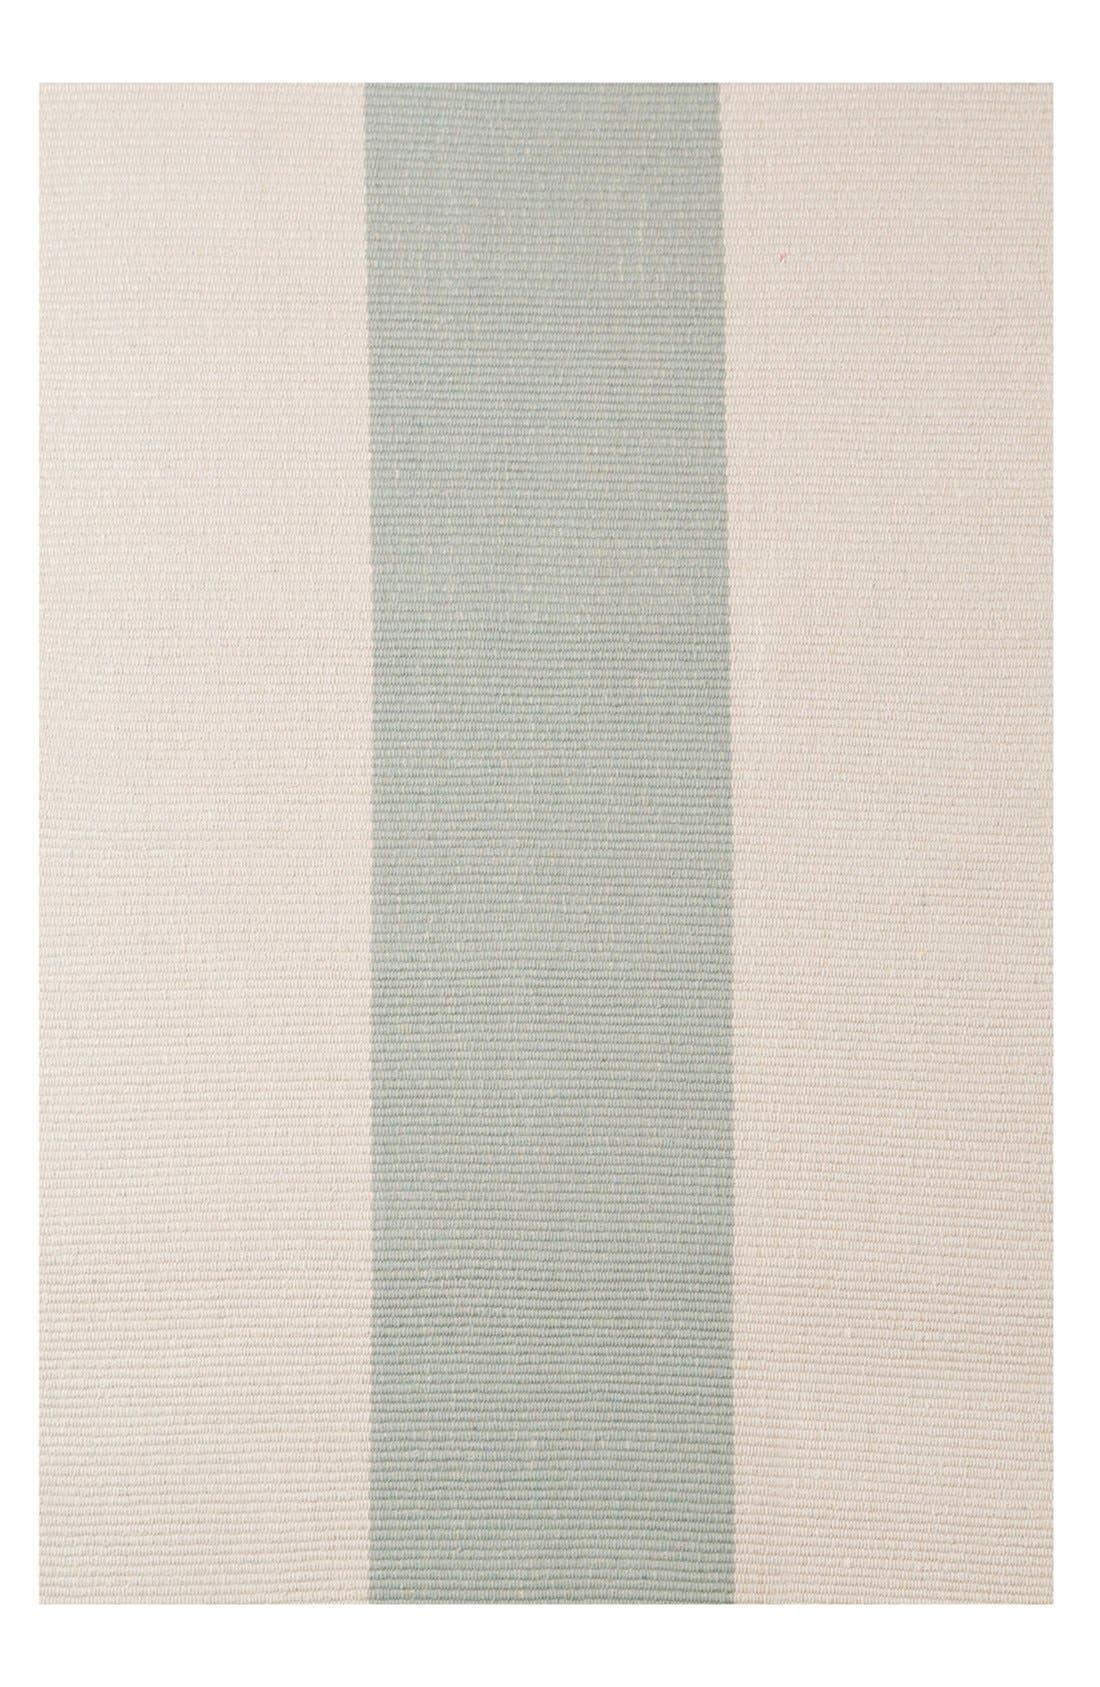 'Yacht' Stripe Rug,                             Main thumbnail 1, color,                             OCEAN